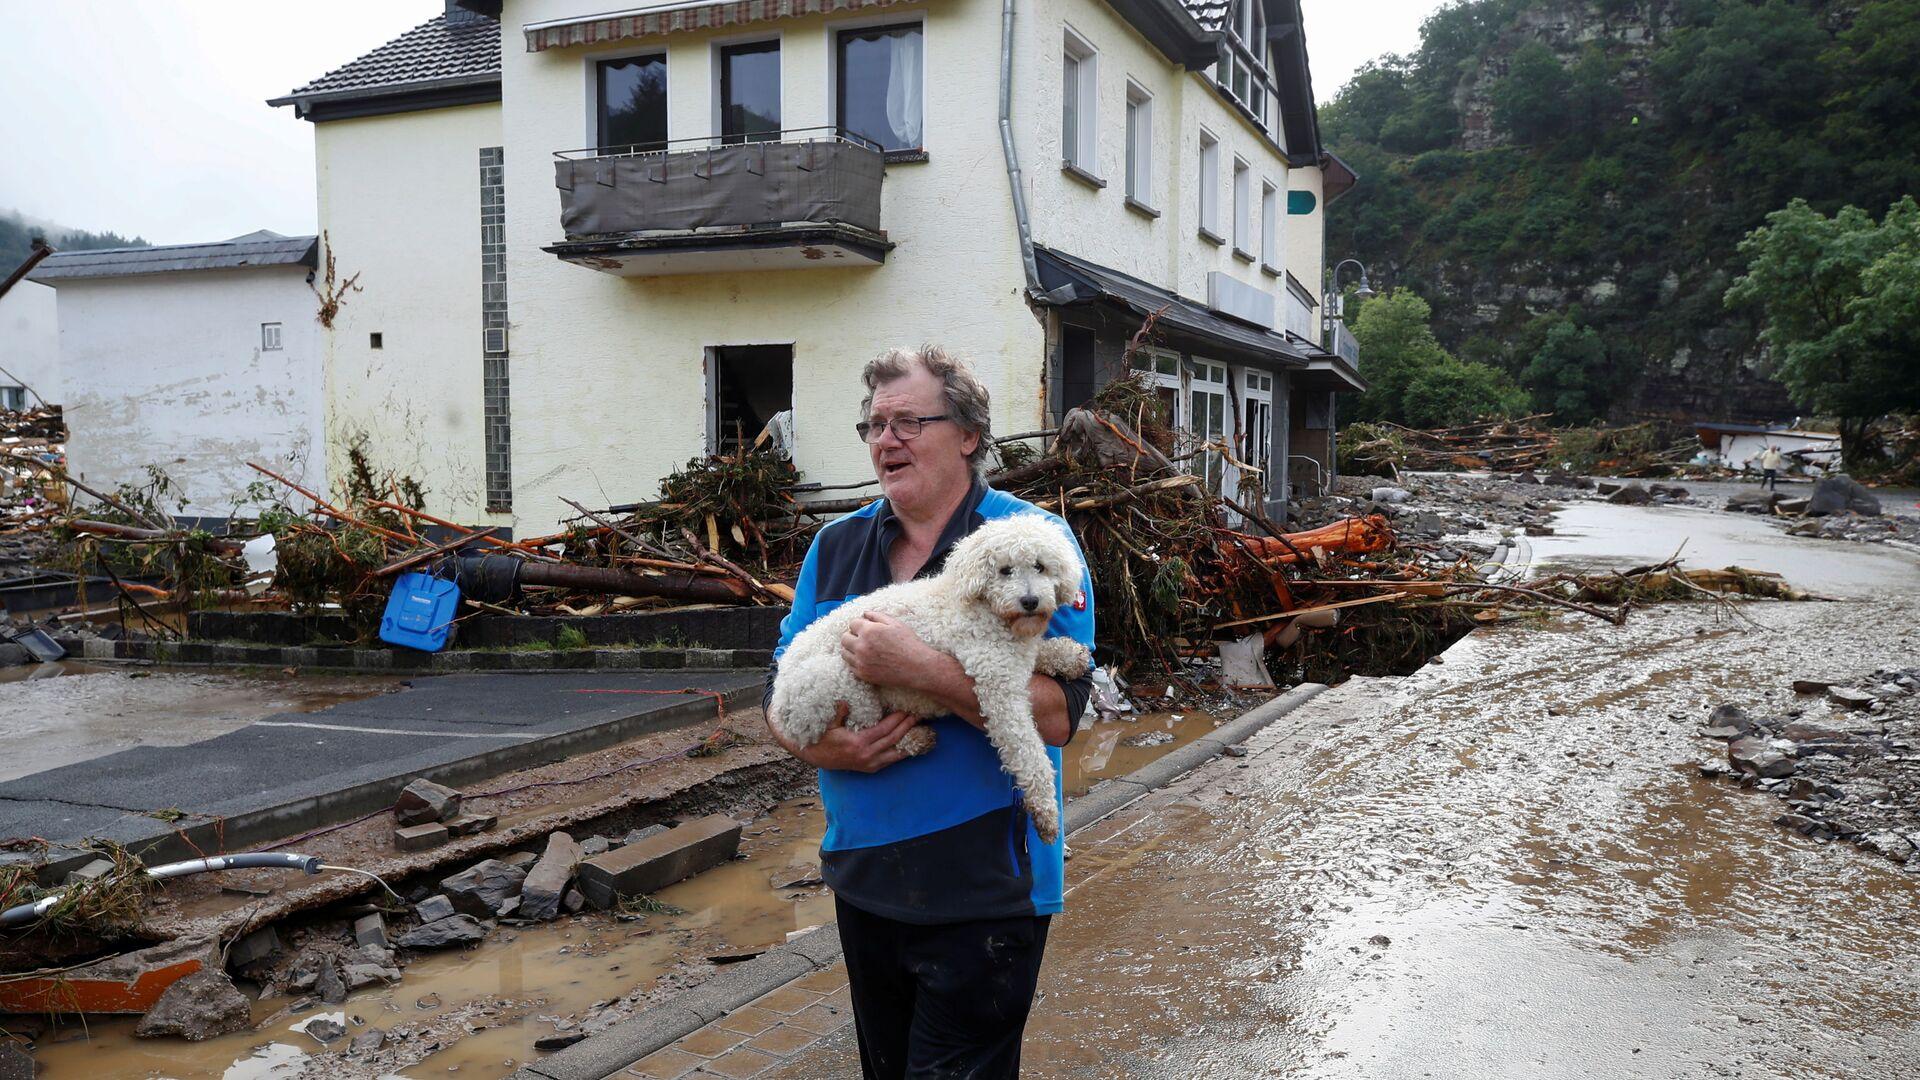 Мужчина с собакой на затопленной и заваленной ветками улице в Шульде, Германия, 15 июля 2021 года. - Sputnik Polska, 1920, 18.07.2021